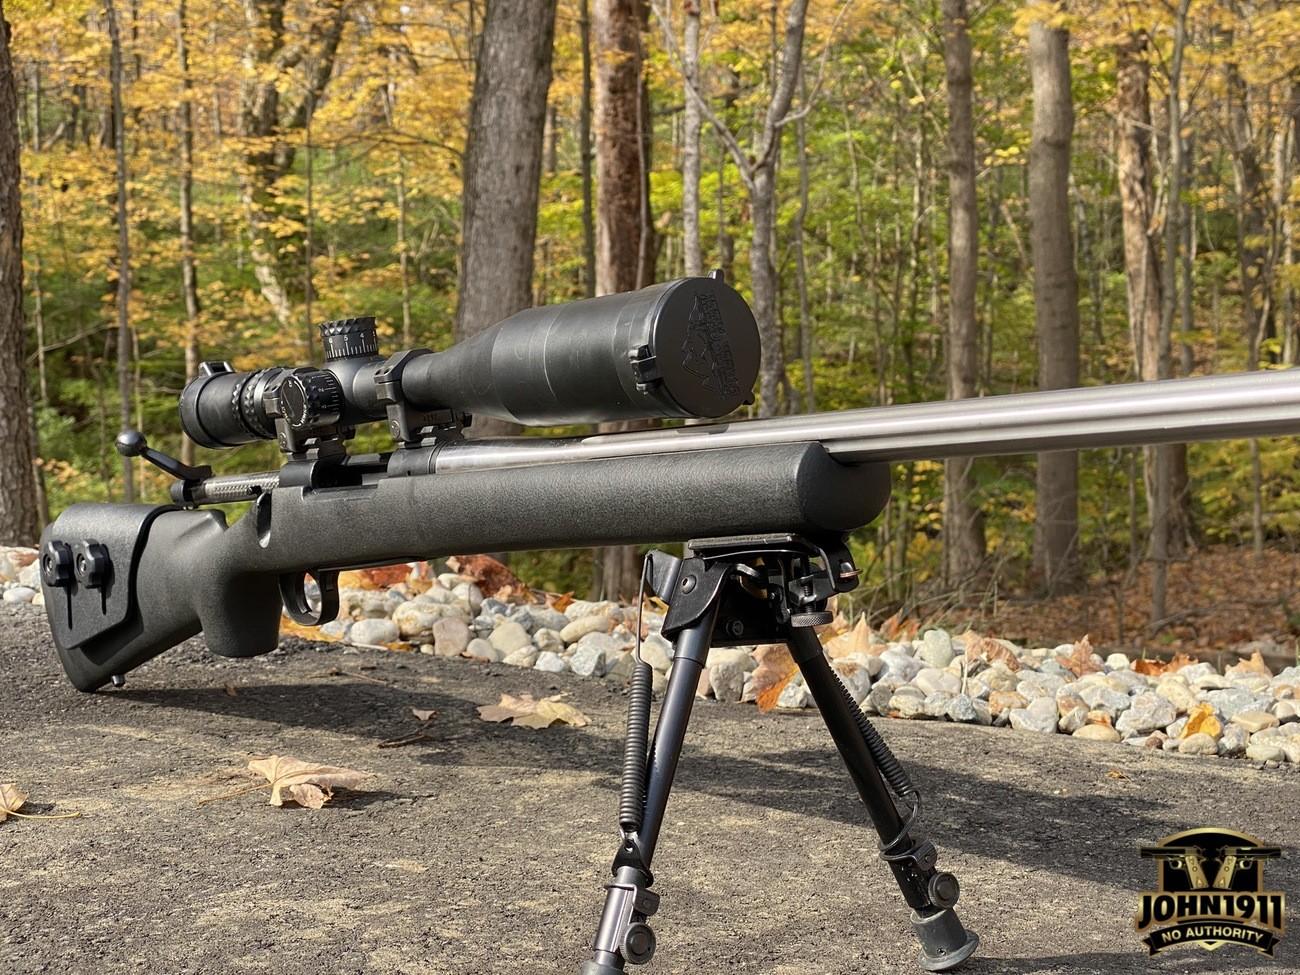 Remington PSS 300wm